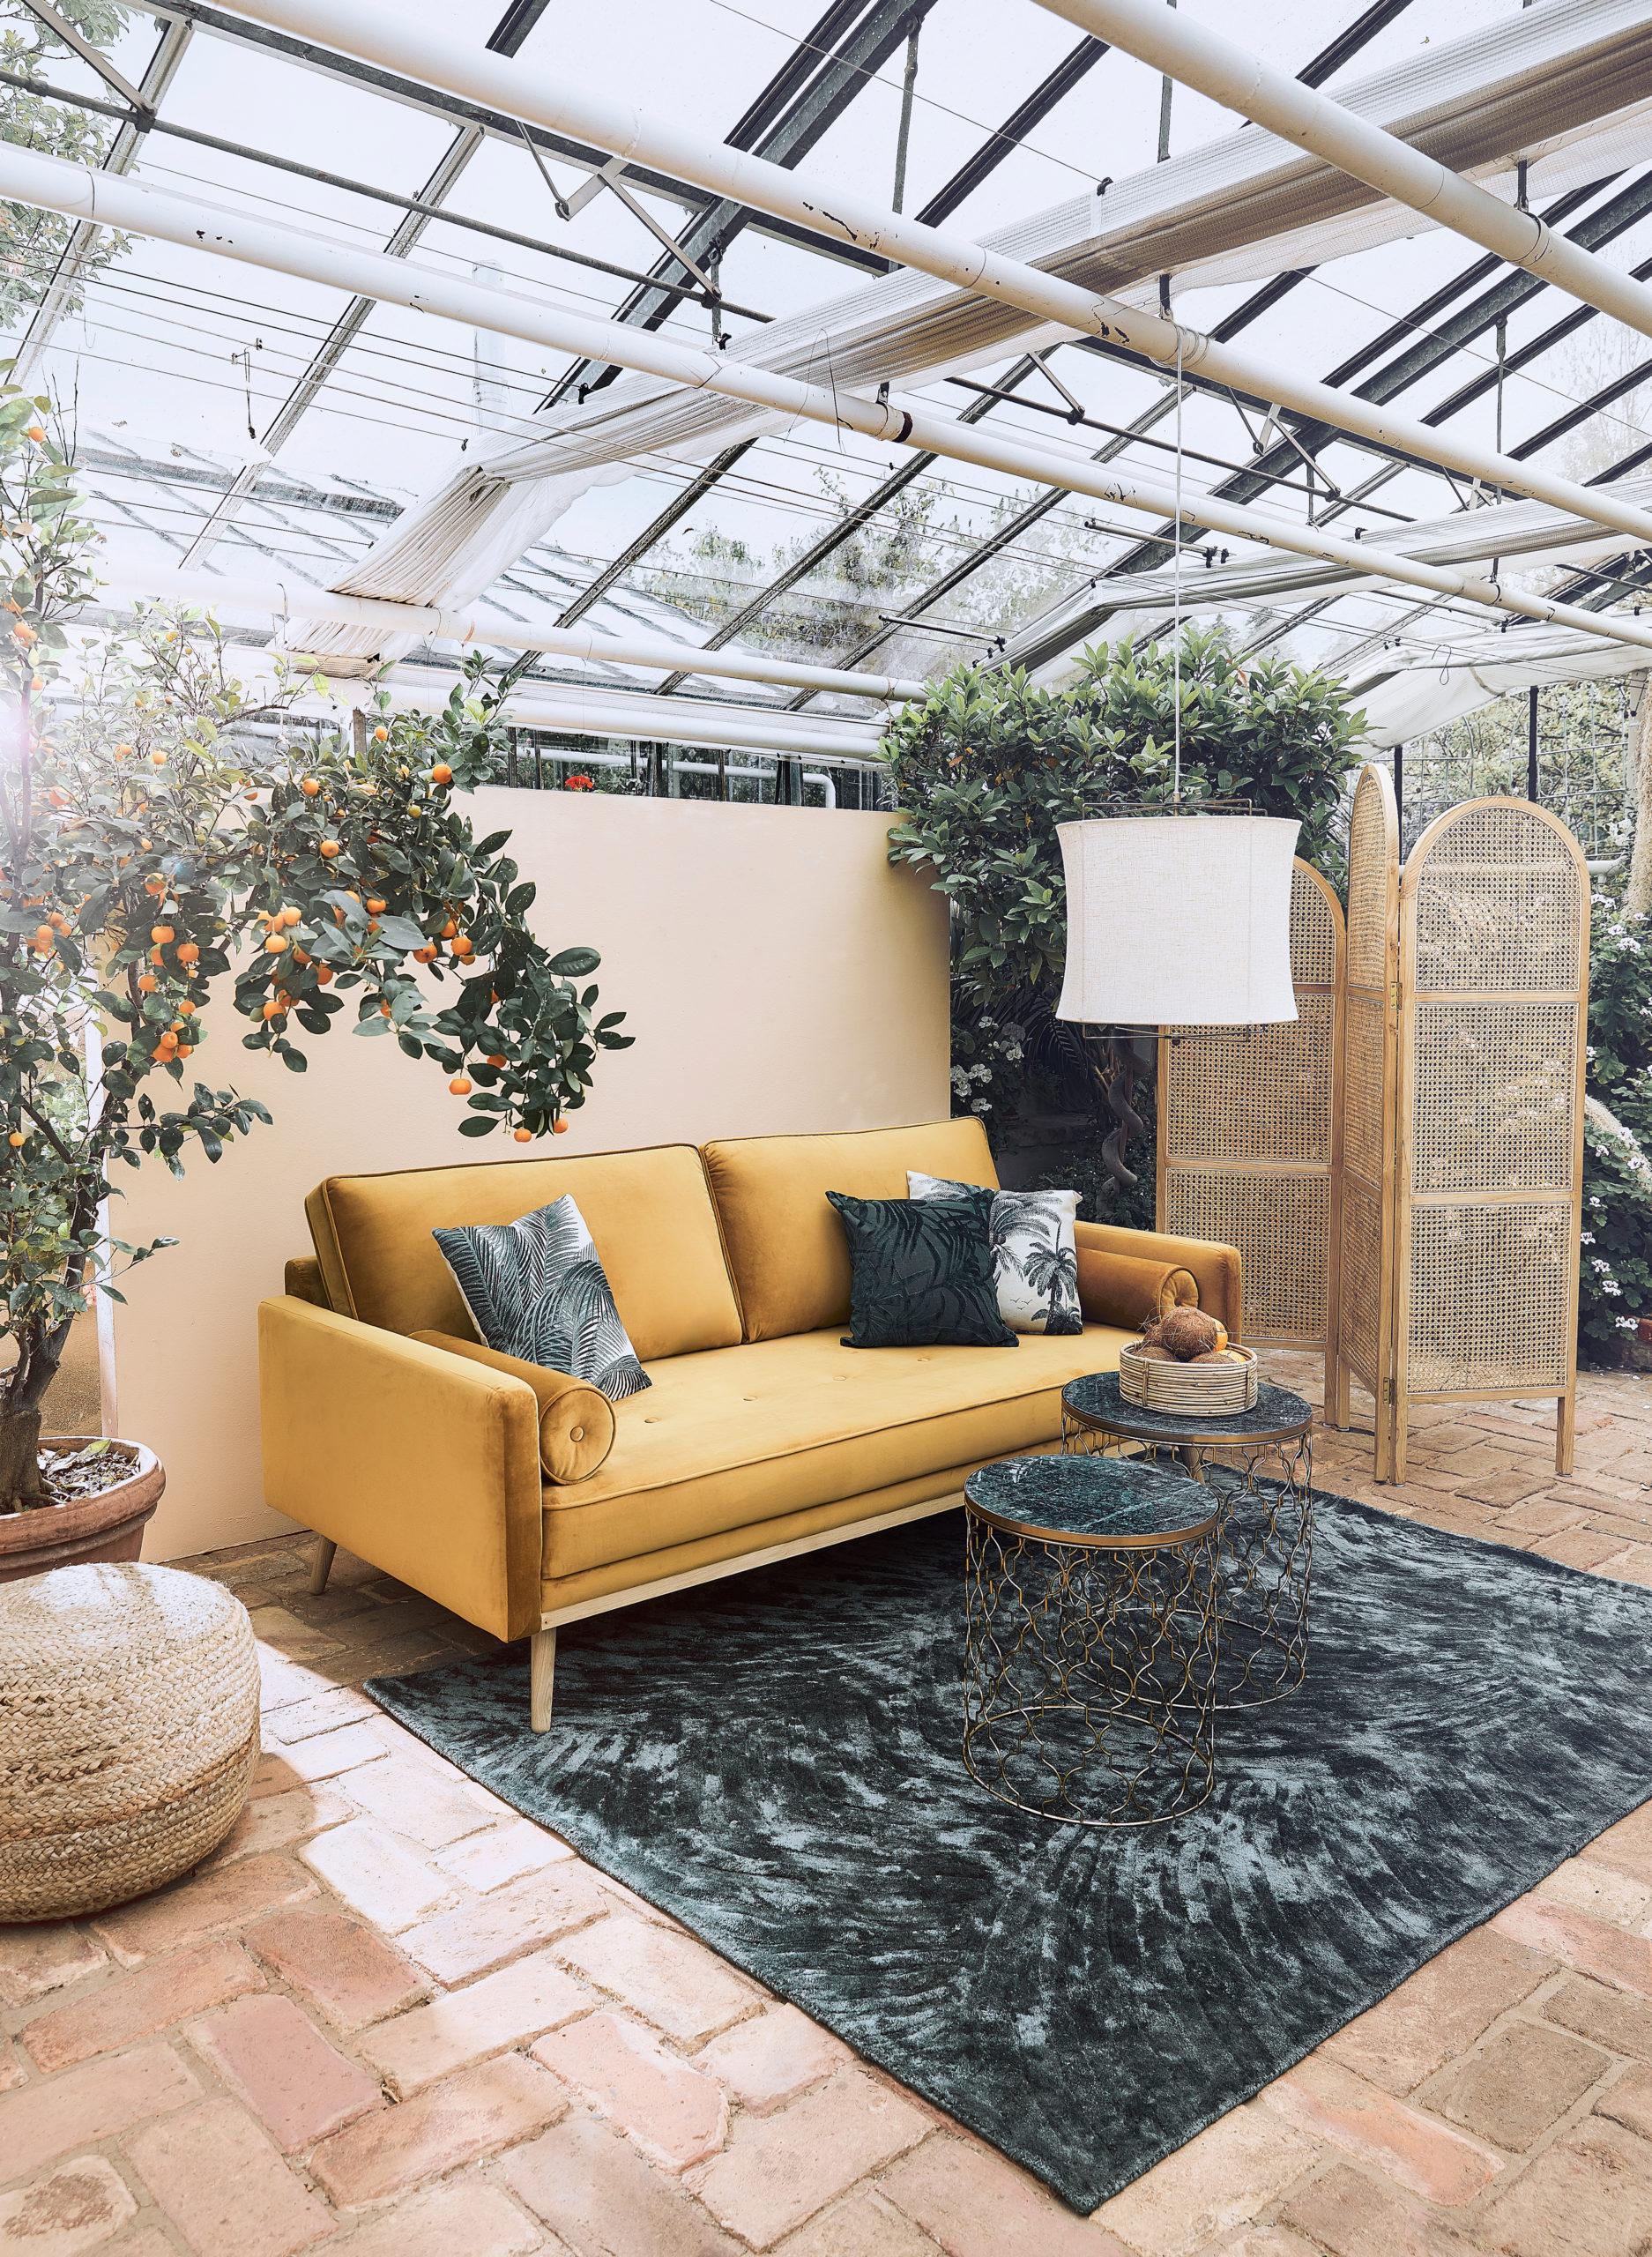 Veranda avec canapé jaune, tapis gris vert et coussins tropicaux